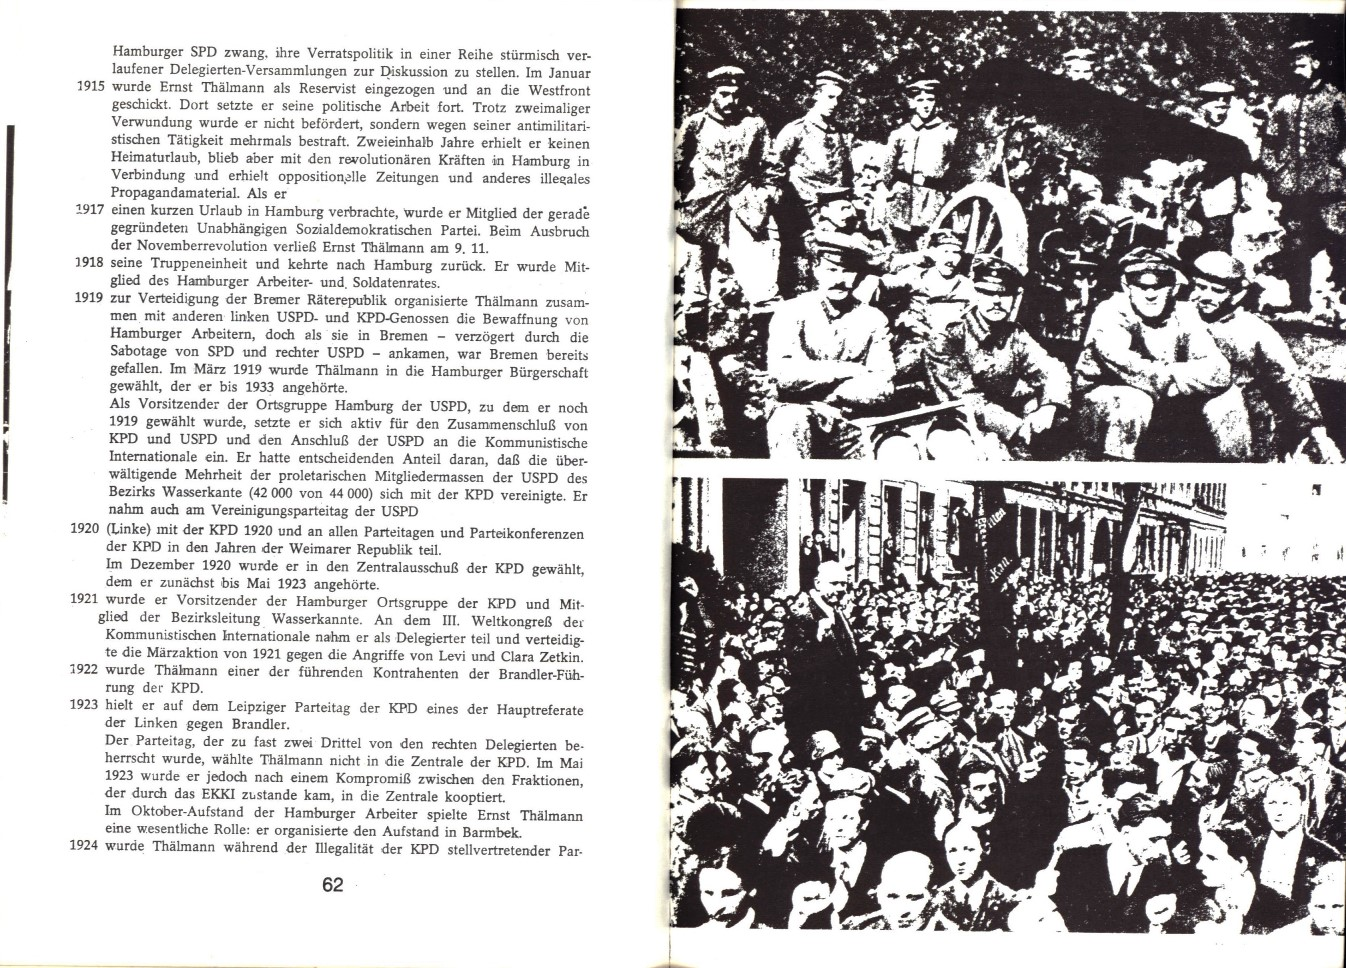 KPDAO_1974_Ernst_Thaelmann_33